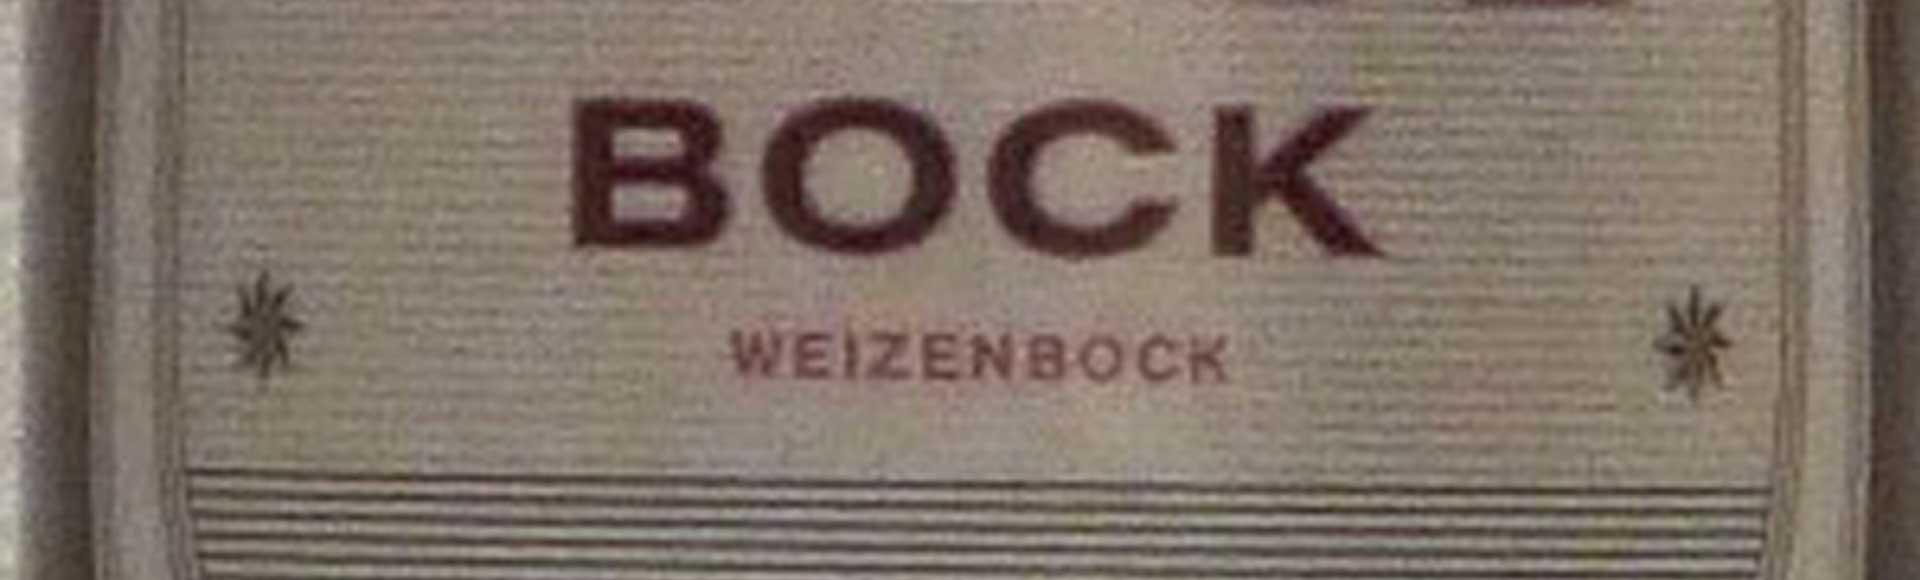 Hvede Bock fra Indslev